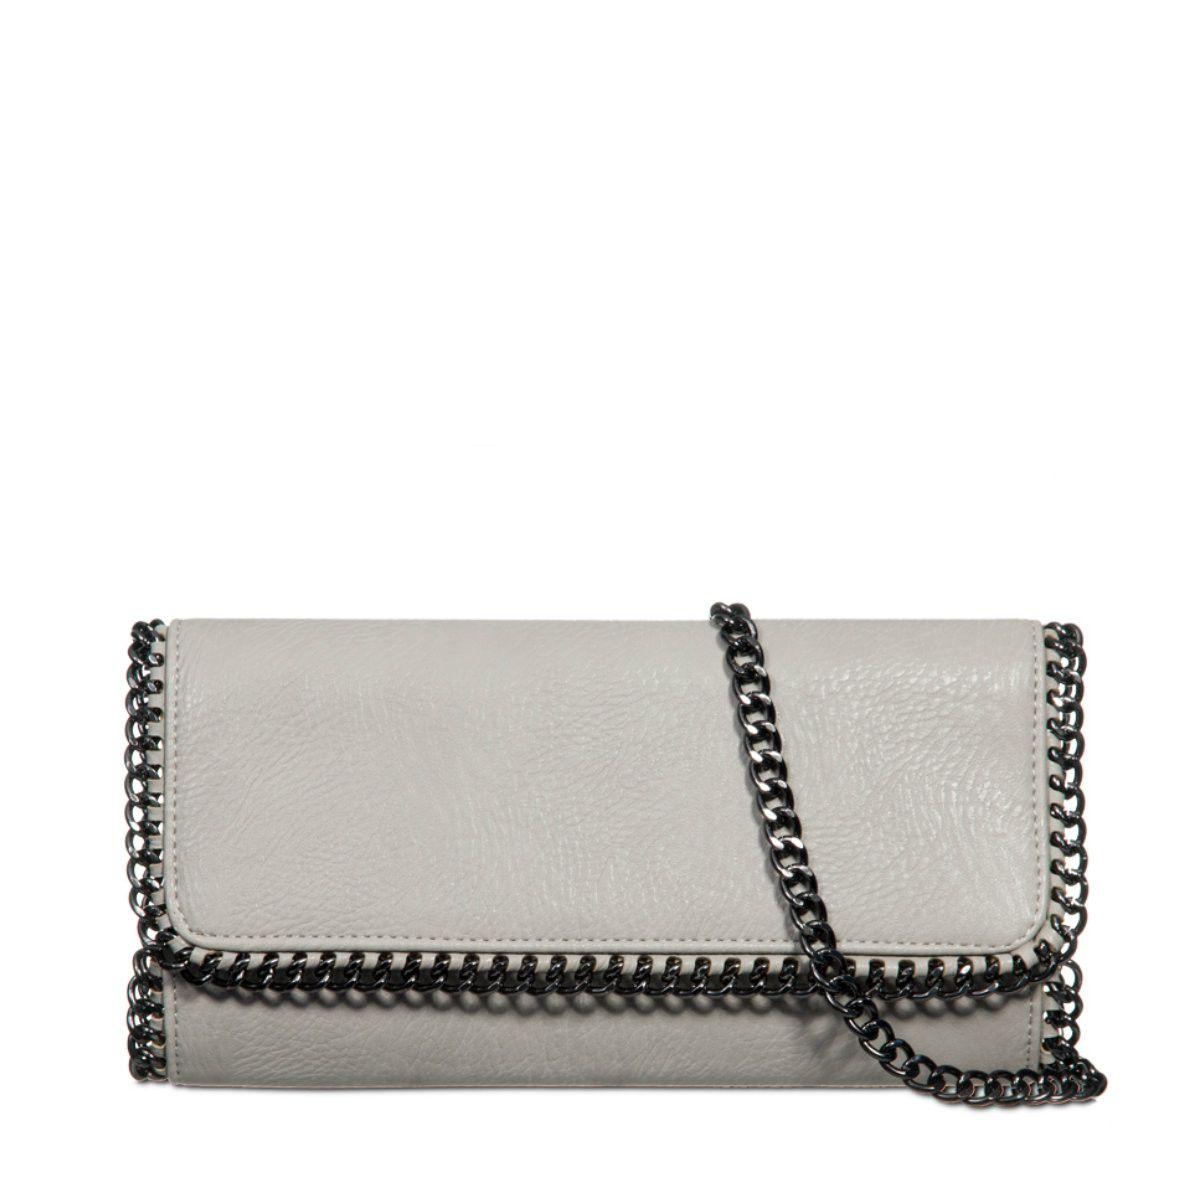 Lorette Grey Chain Trim Clutch Bag from Bag Envy